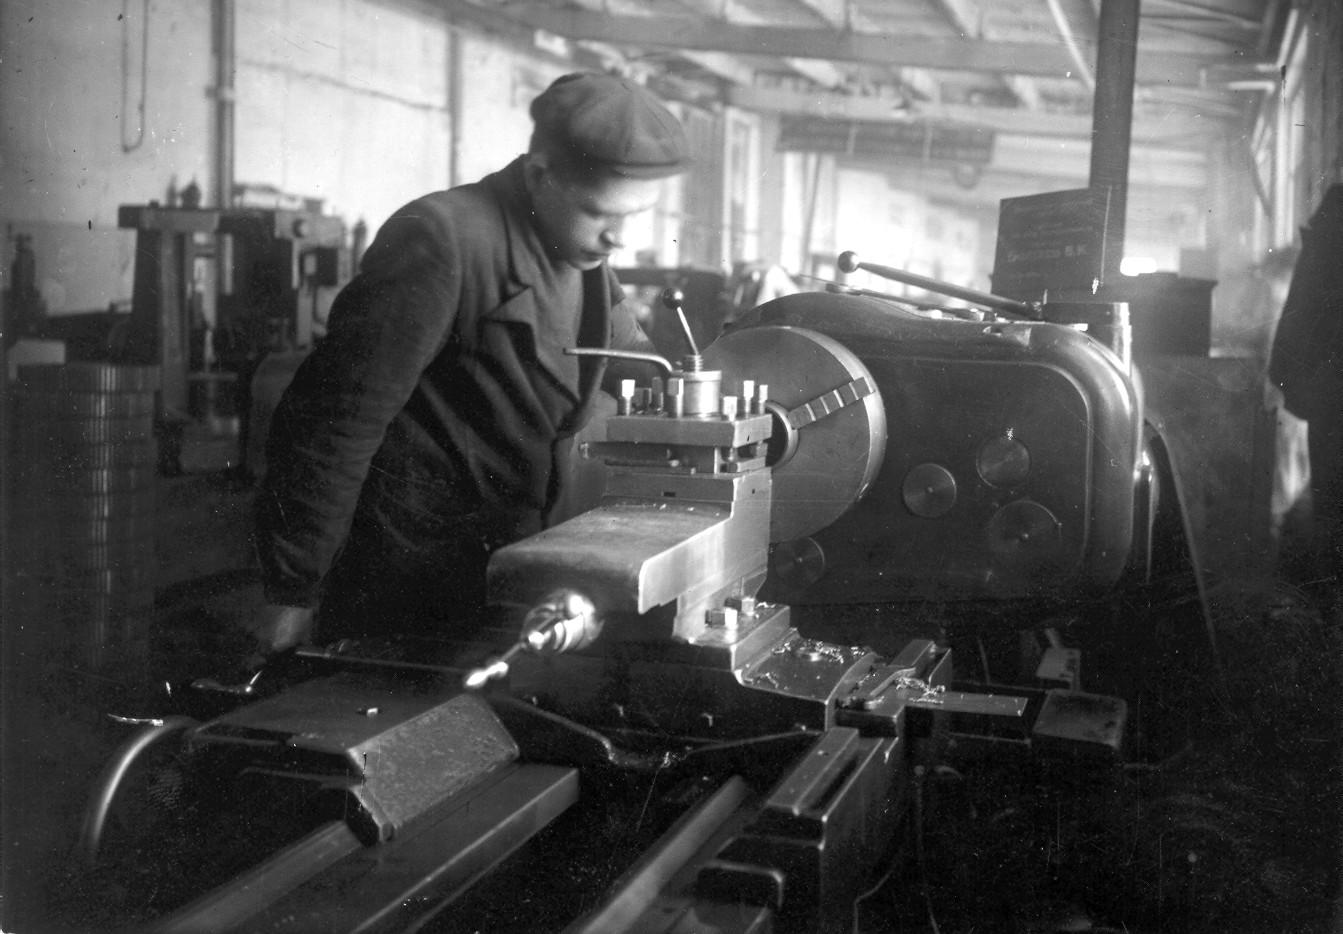 История промышленности в фотографиях: АО «АП Саратовский завод резервуарных металлоконструкций»